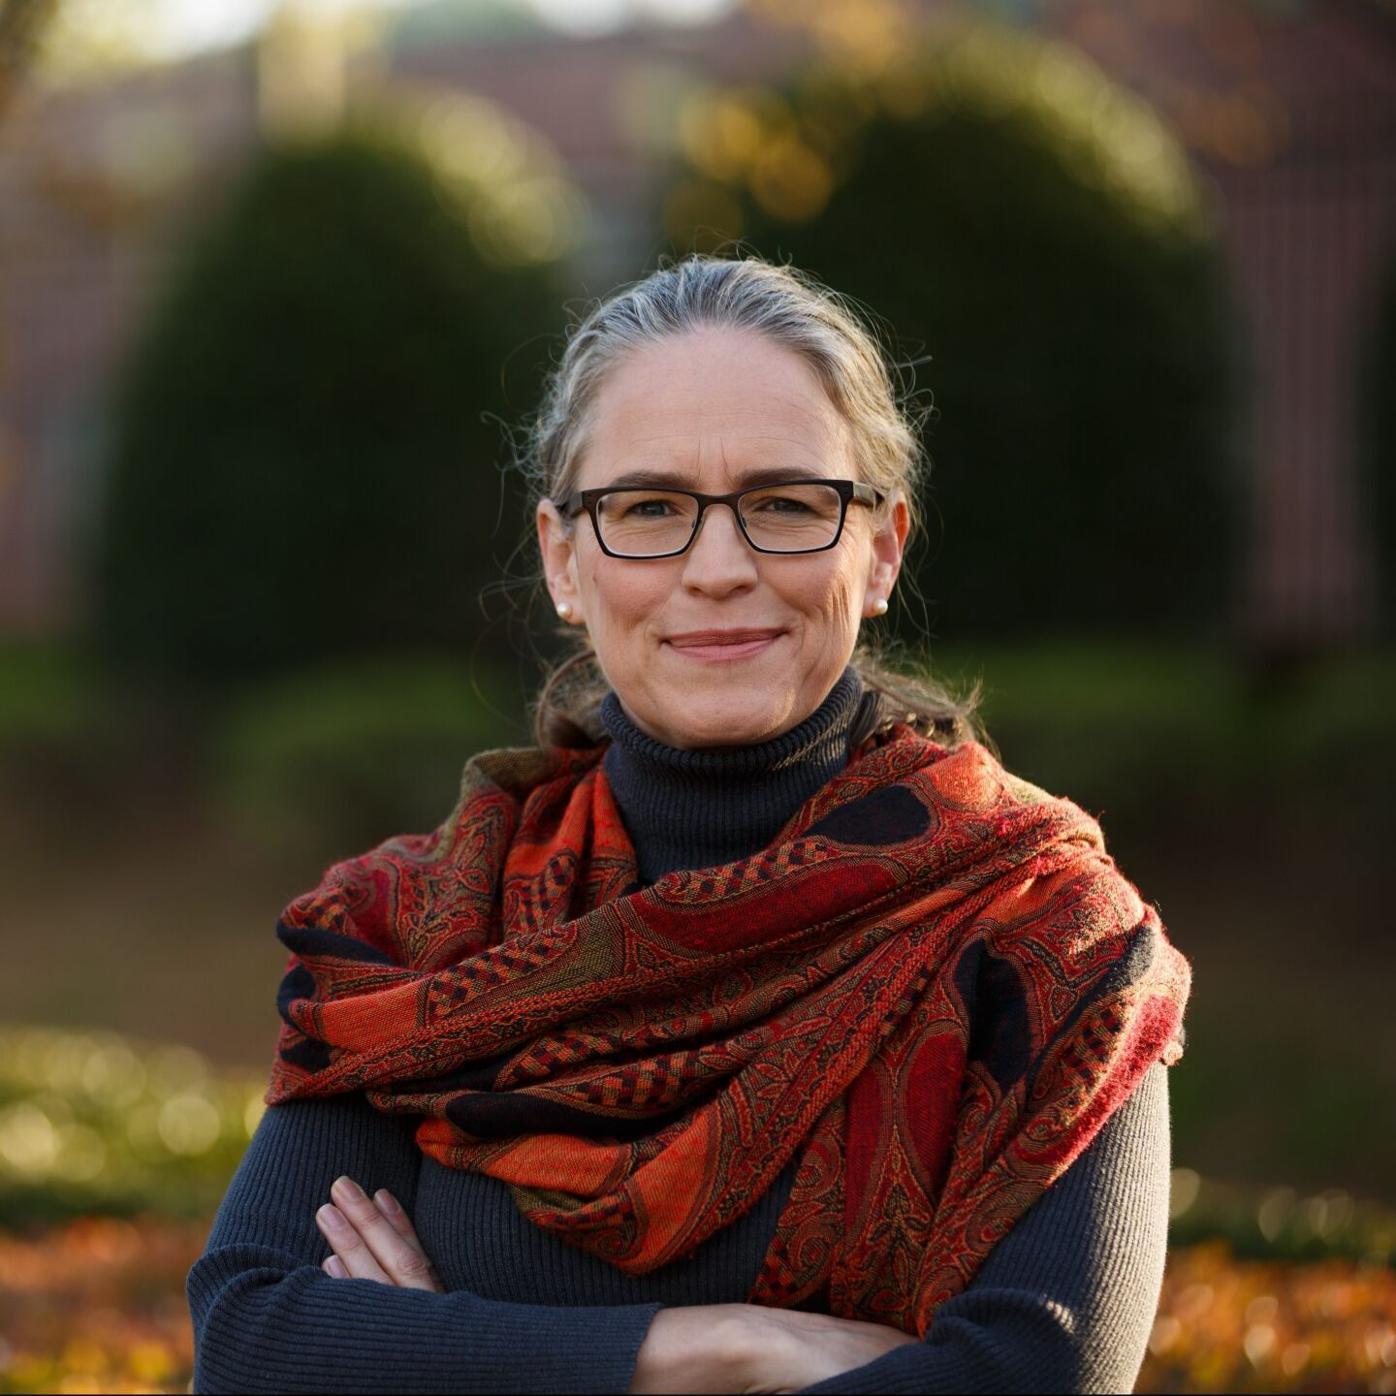 U.S. Rep. Carolyn Bourdeaux, D-Norcross